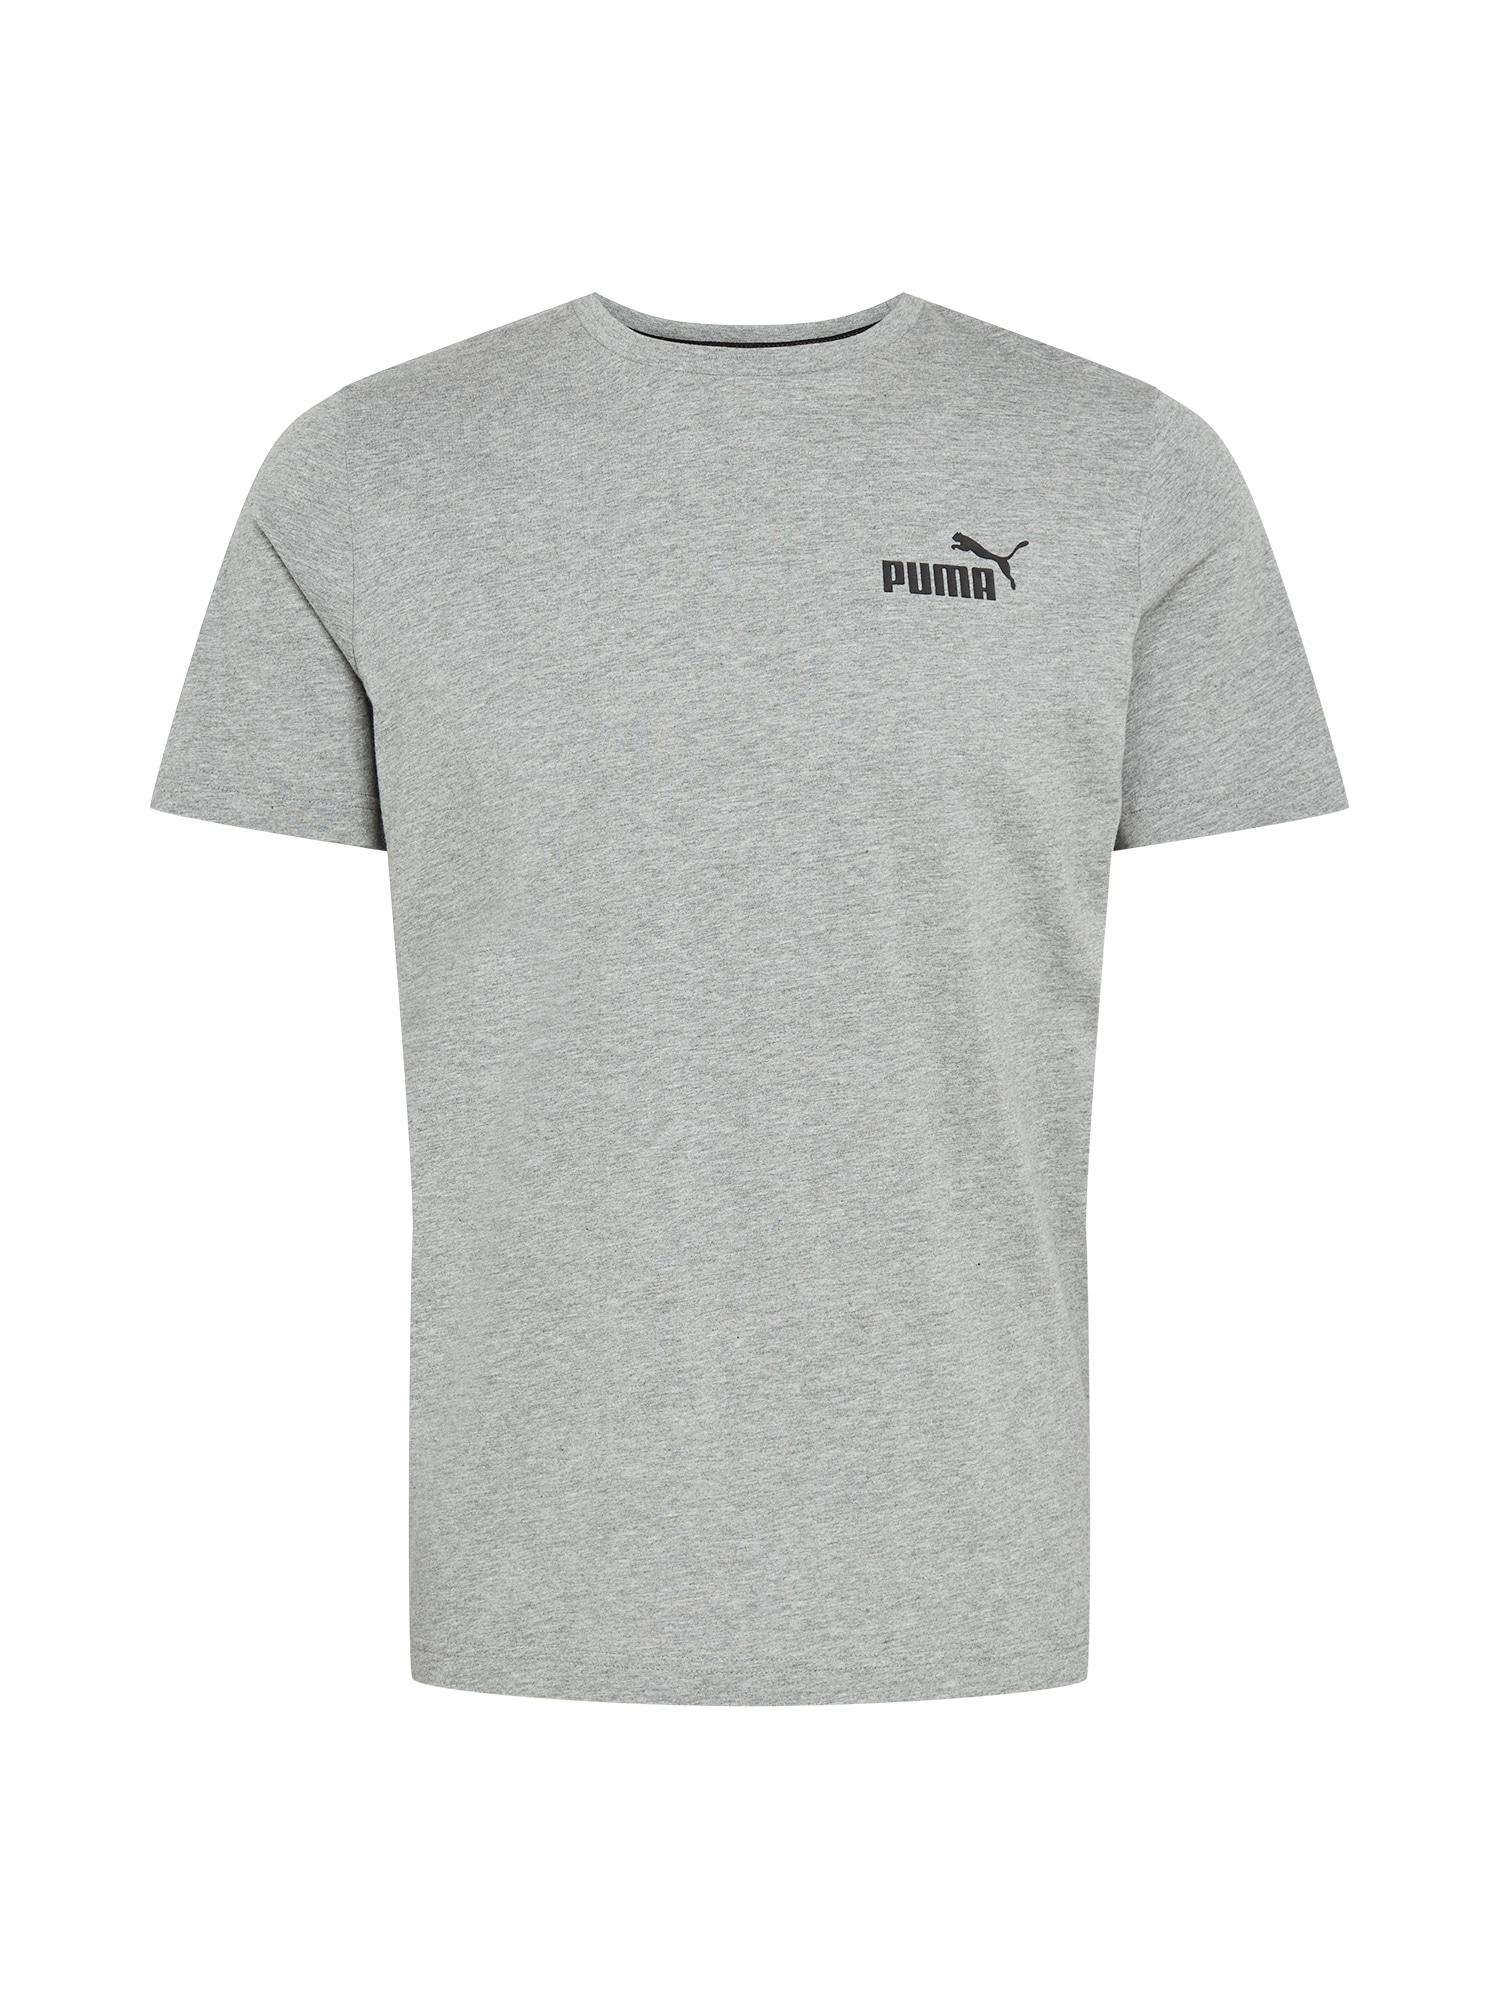 PUMA Sportiniai marškinėliai margai pilka / juoda